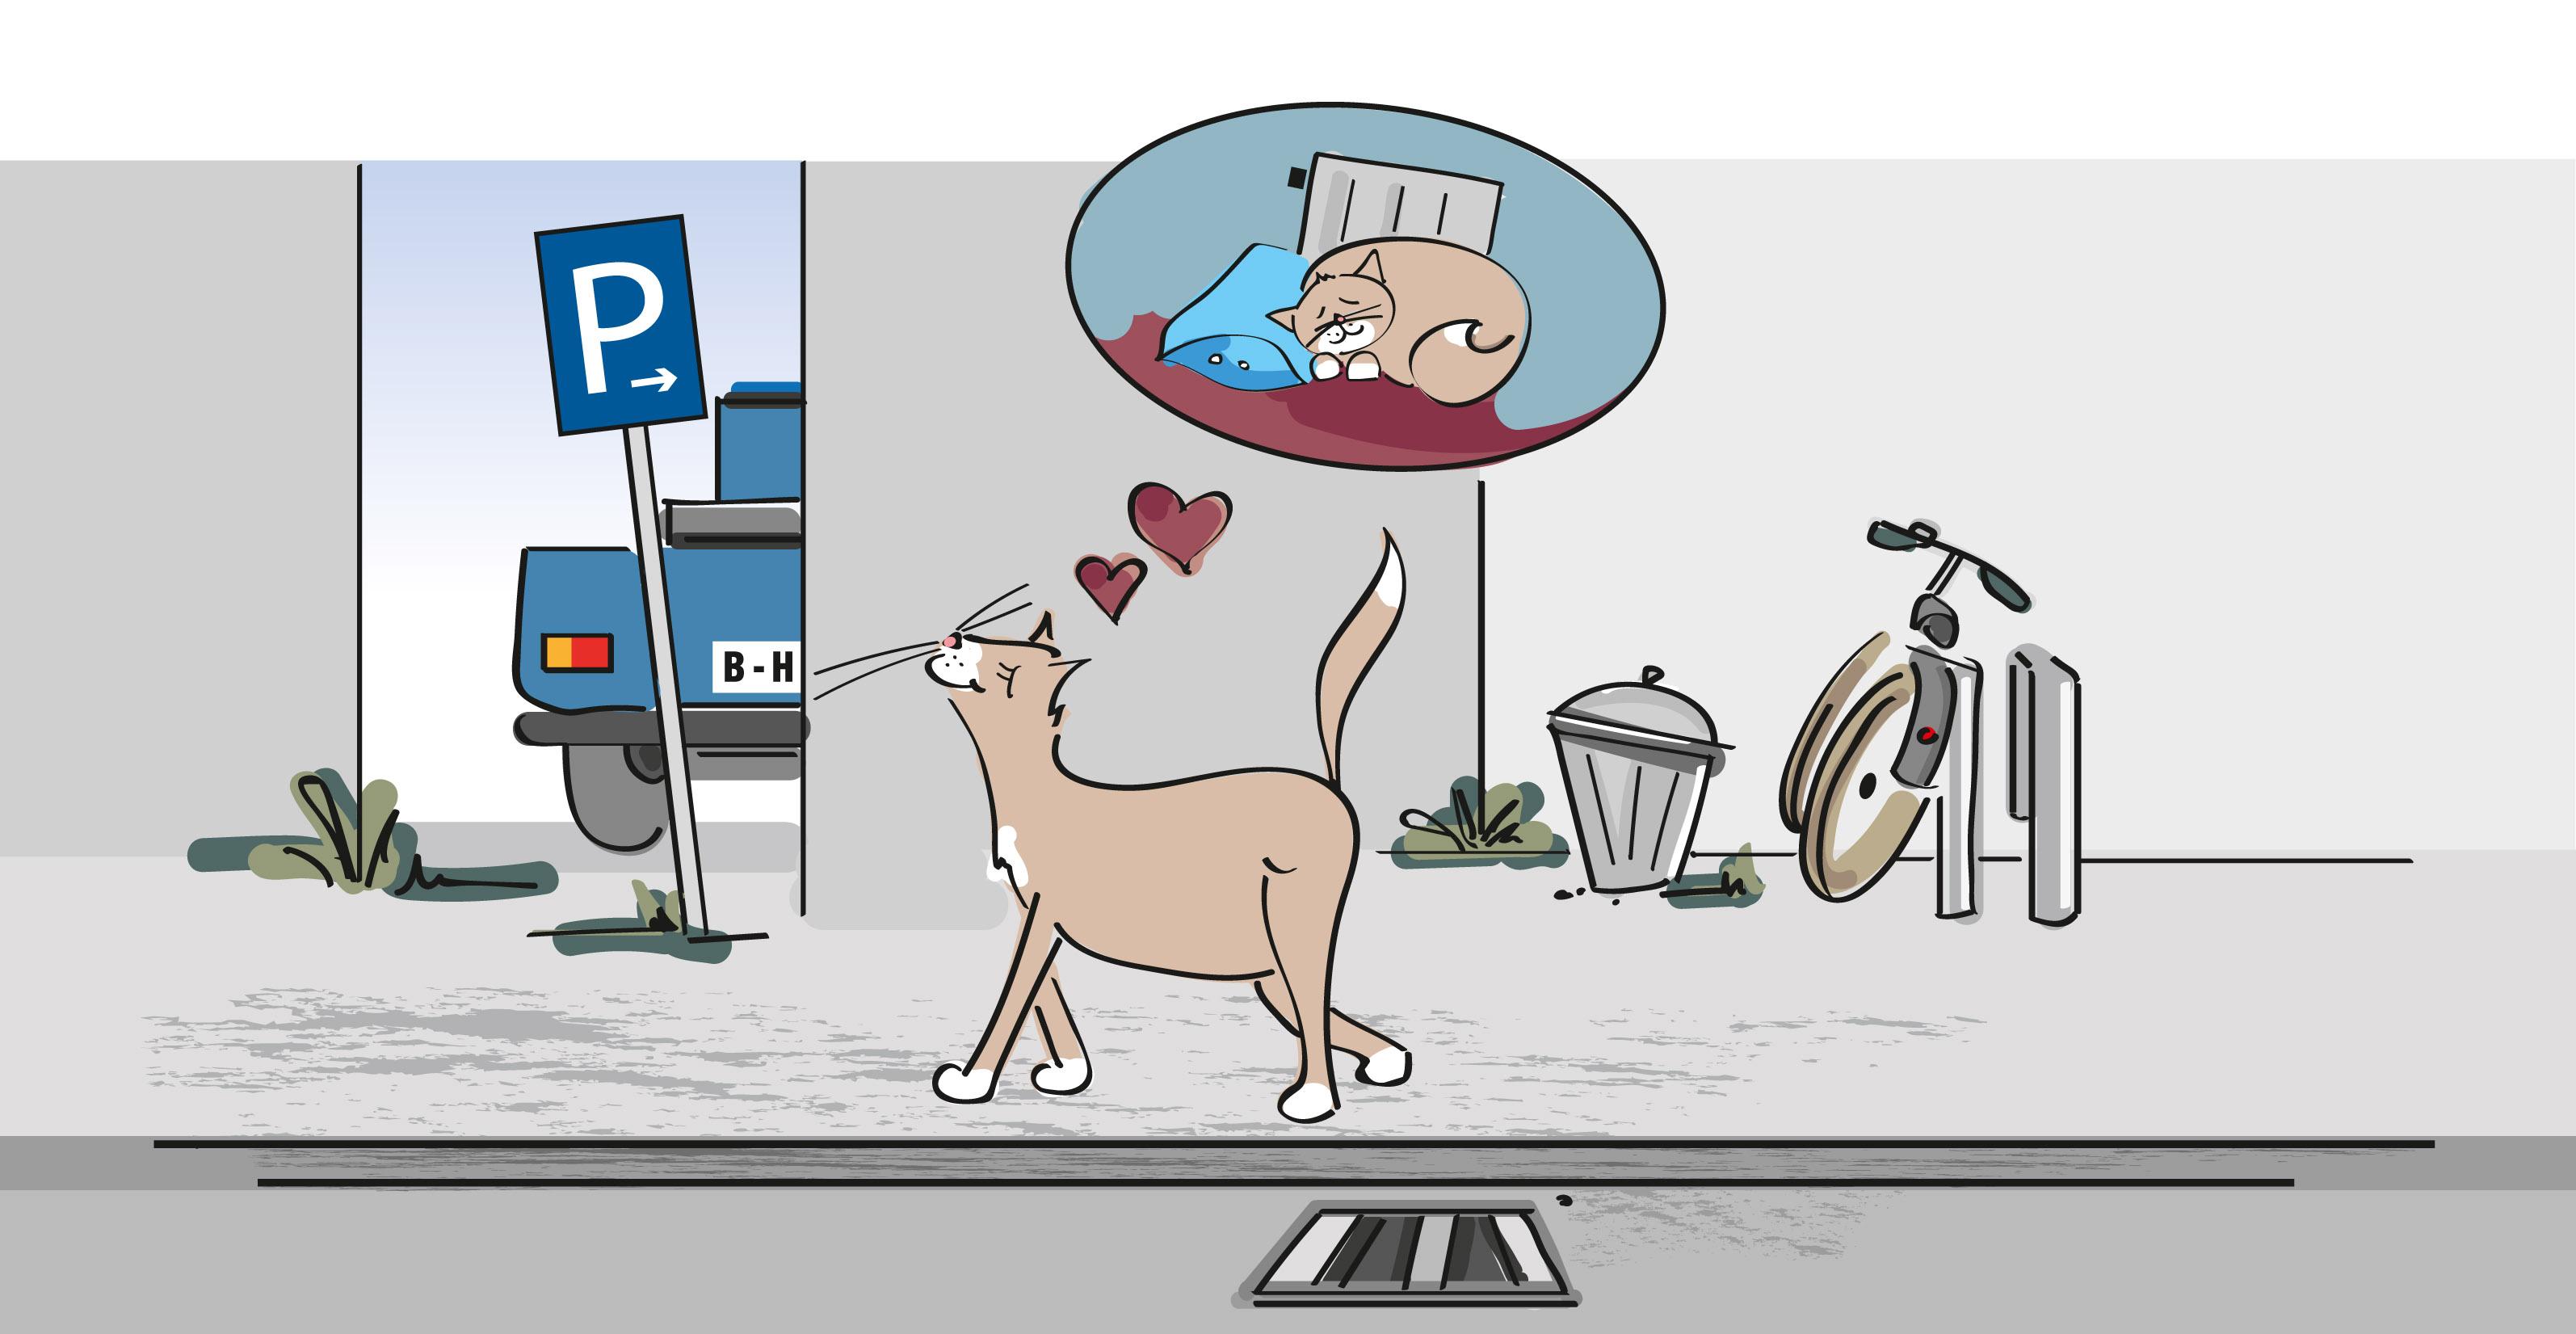 Kennzeichnung und Registrierung bieten entlaufenen Katzen Schutz